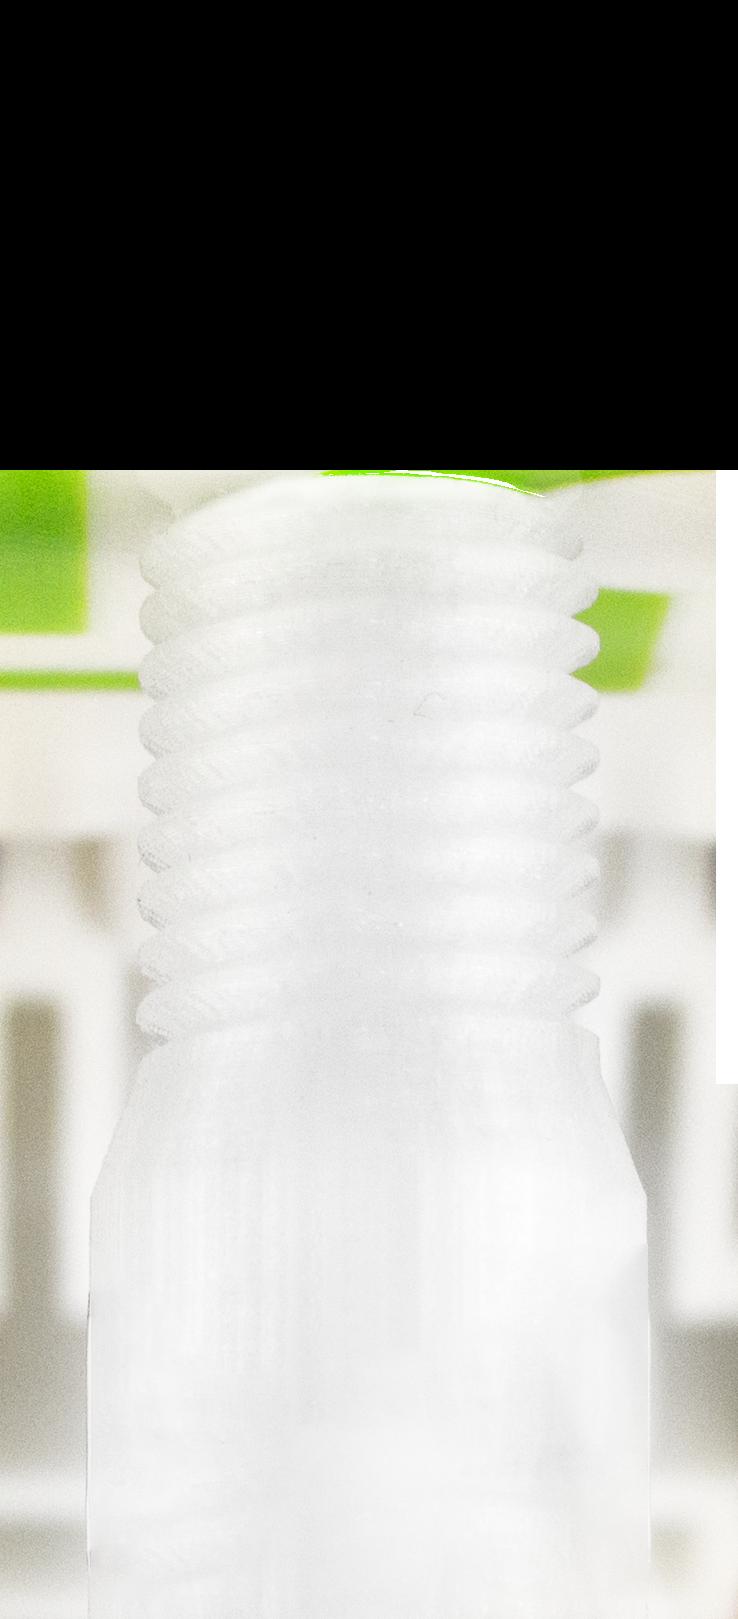 Leapfrog, 3D printing, Hybrid CPE, Hybrid filament